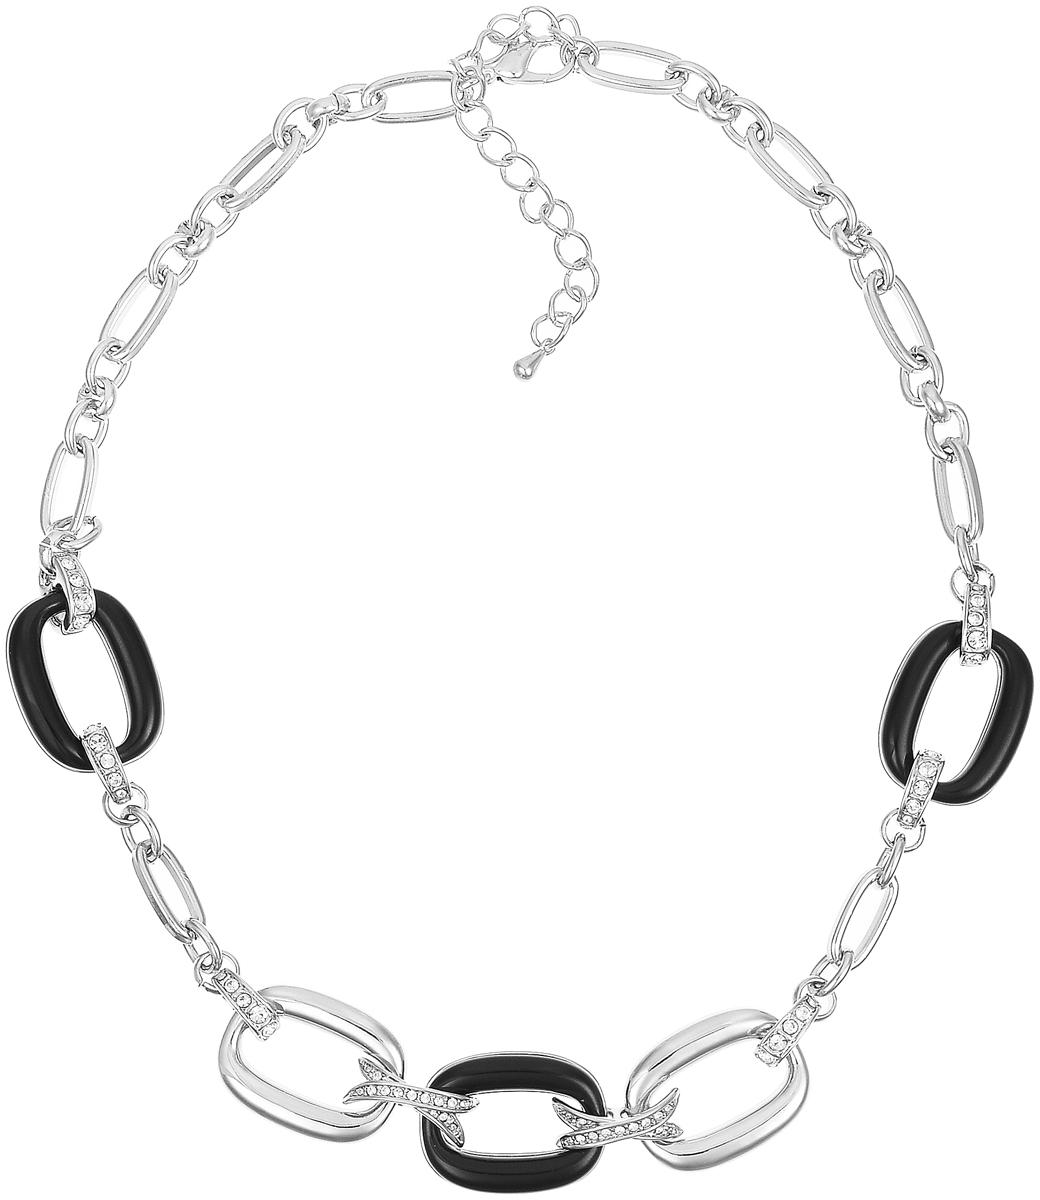 Ожерелье Art-Silver, цвет: серебряный, черный. MS06196N-R-B-1701Бусы-ниткаОжерелье современного дизайна Art-Silver изготовлено из бижутерийного сплава. Центральная часть ожерелья дополнена декоративными элементами с вставками из циркона и эмали. Колье застегивается на замок-карабин, длина изделия регулируется за счет дополнительных звеньев. В комплекте с украшением поставляется мешочек для хранения.